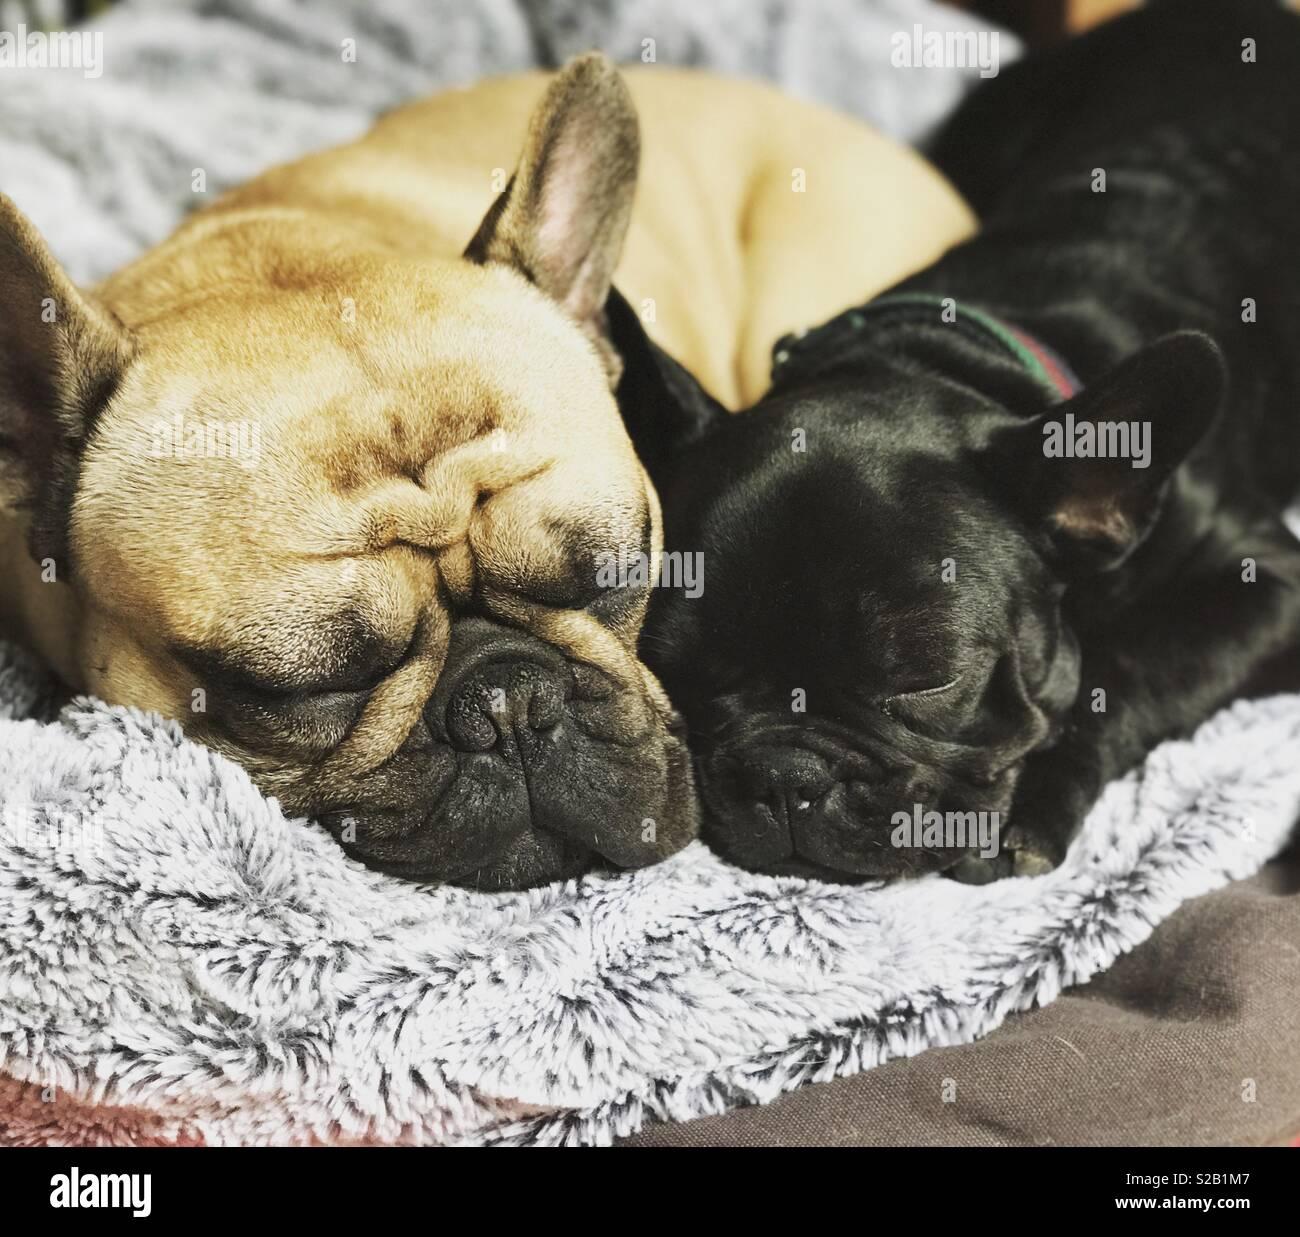 Sleeping frenchies - Stock Image